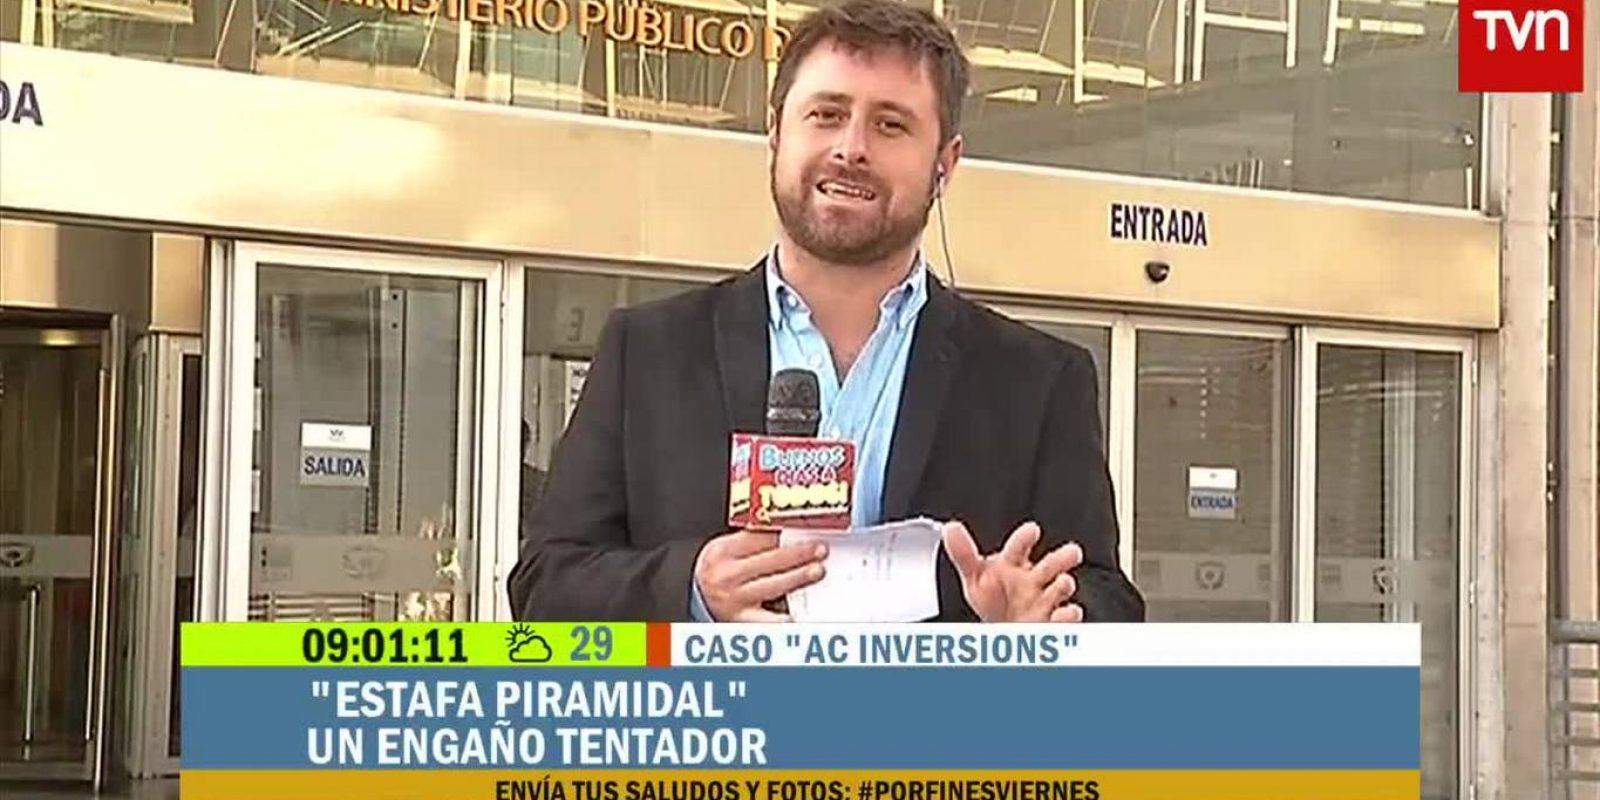 El periodista sale a mediados de año del matinal de TVN/Reproducción